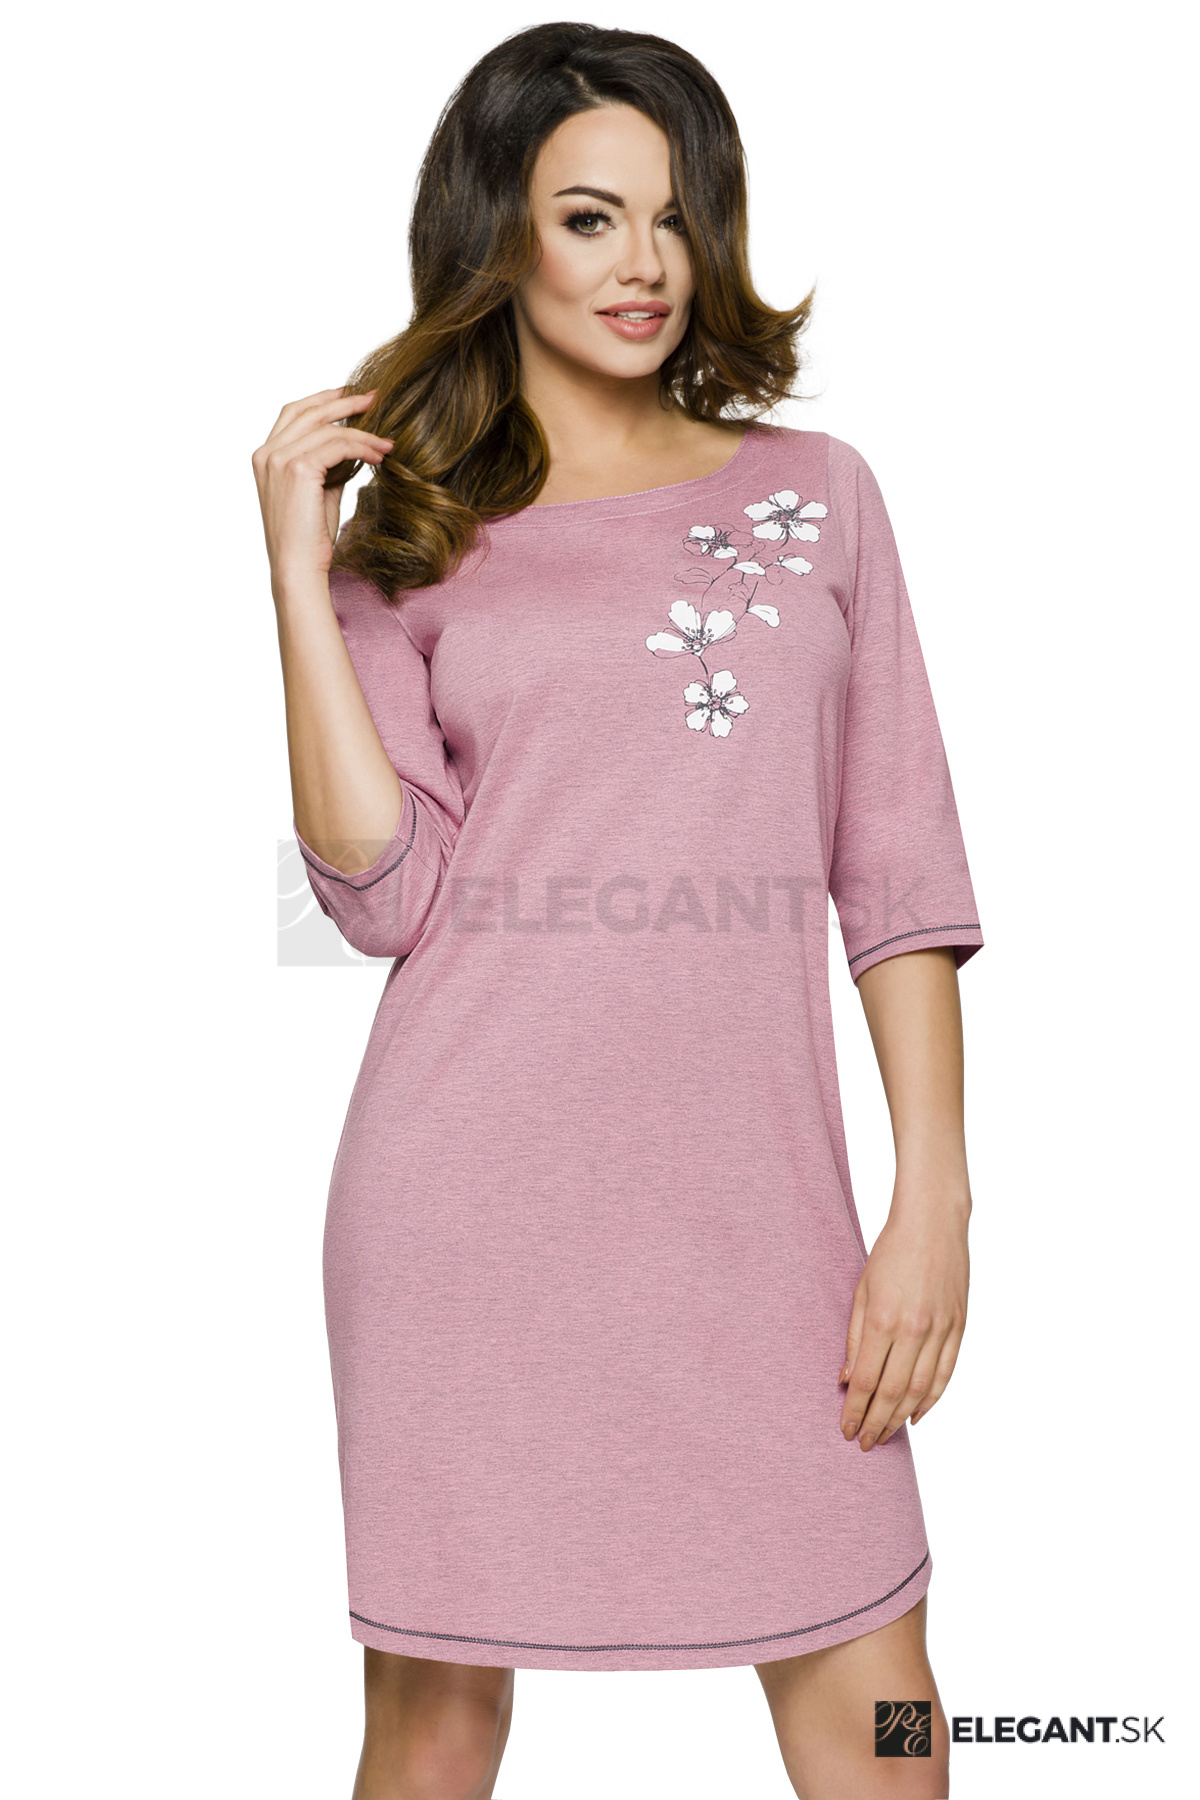 e028767c0dca Dámska nočná košeľa Ella s ružami - ELEGANT.sk